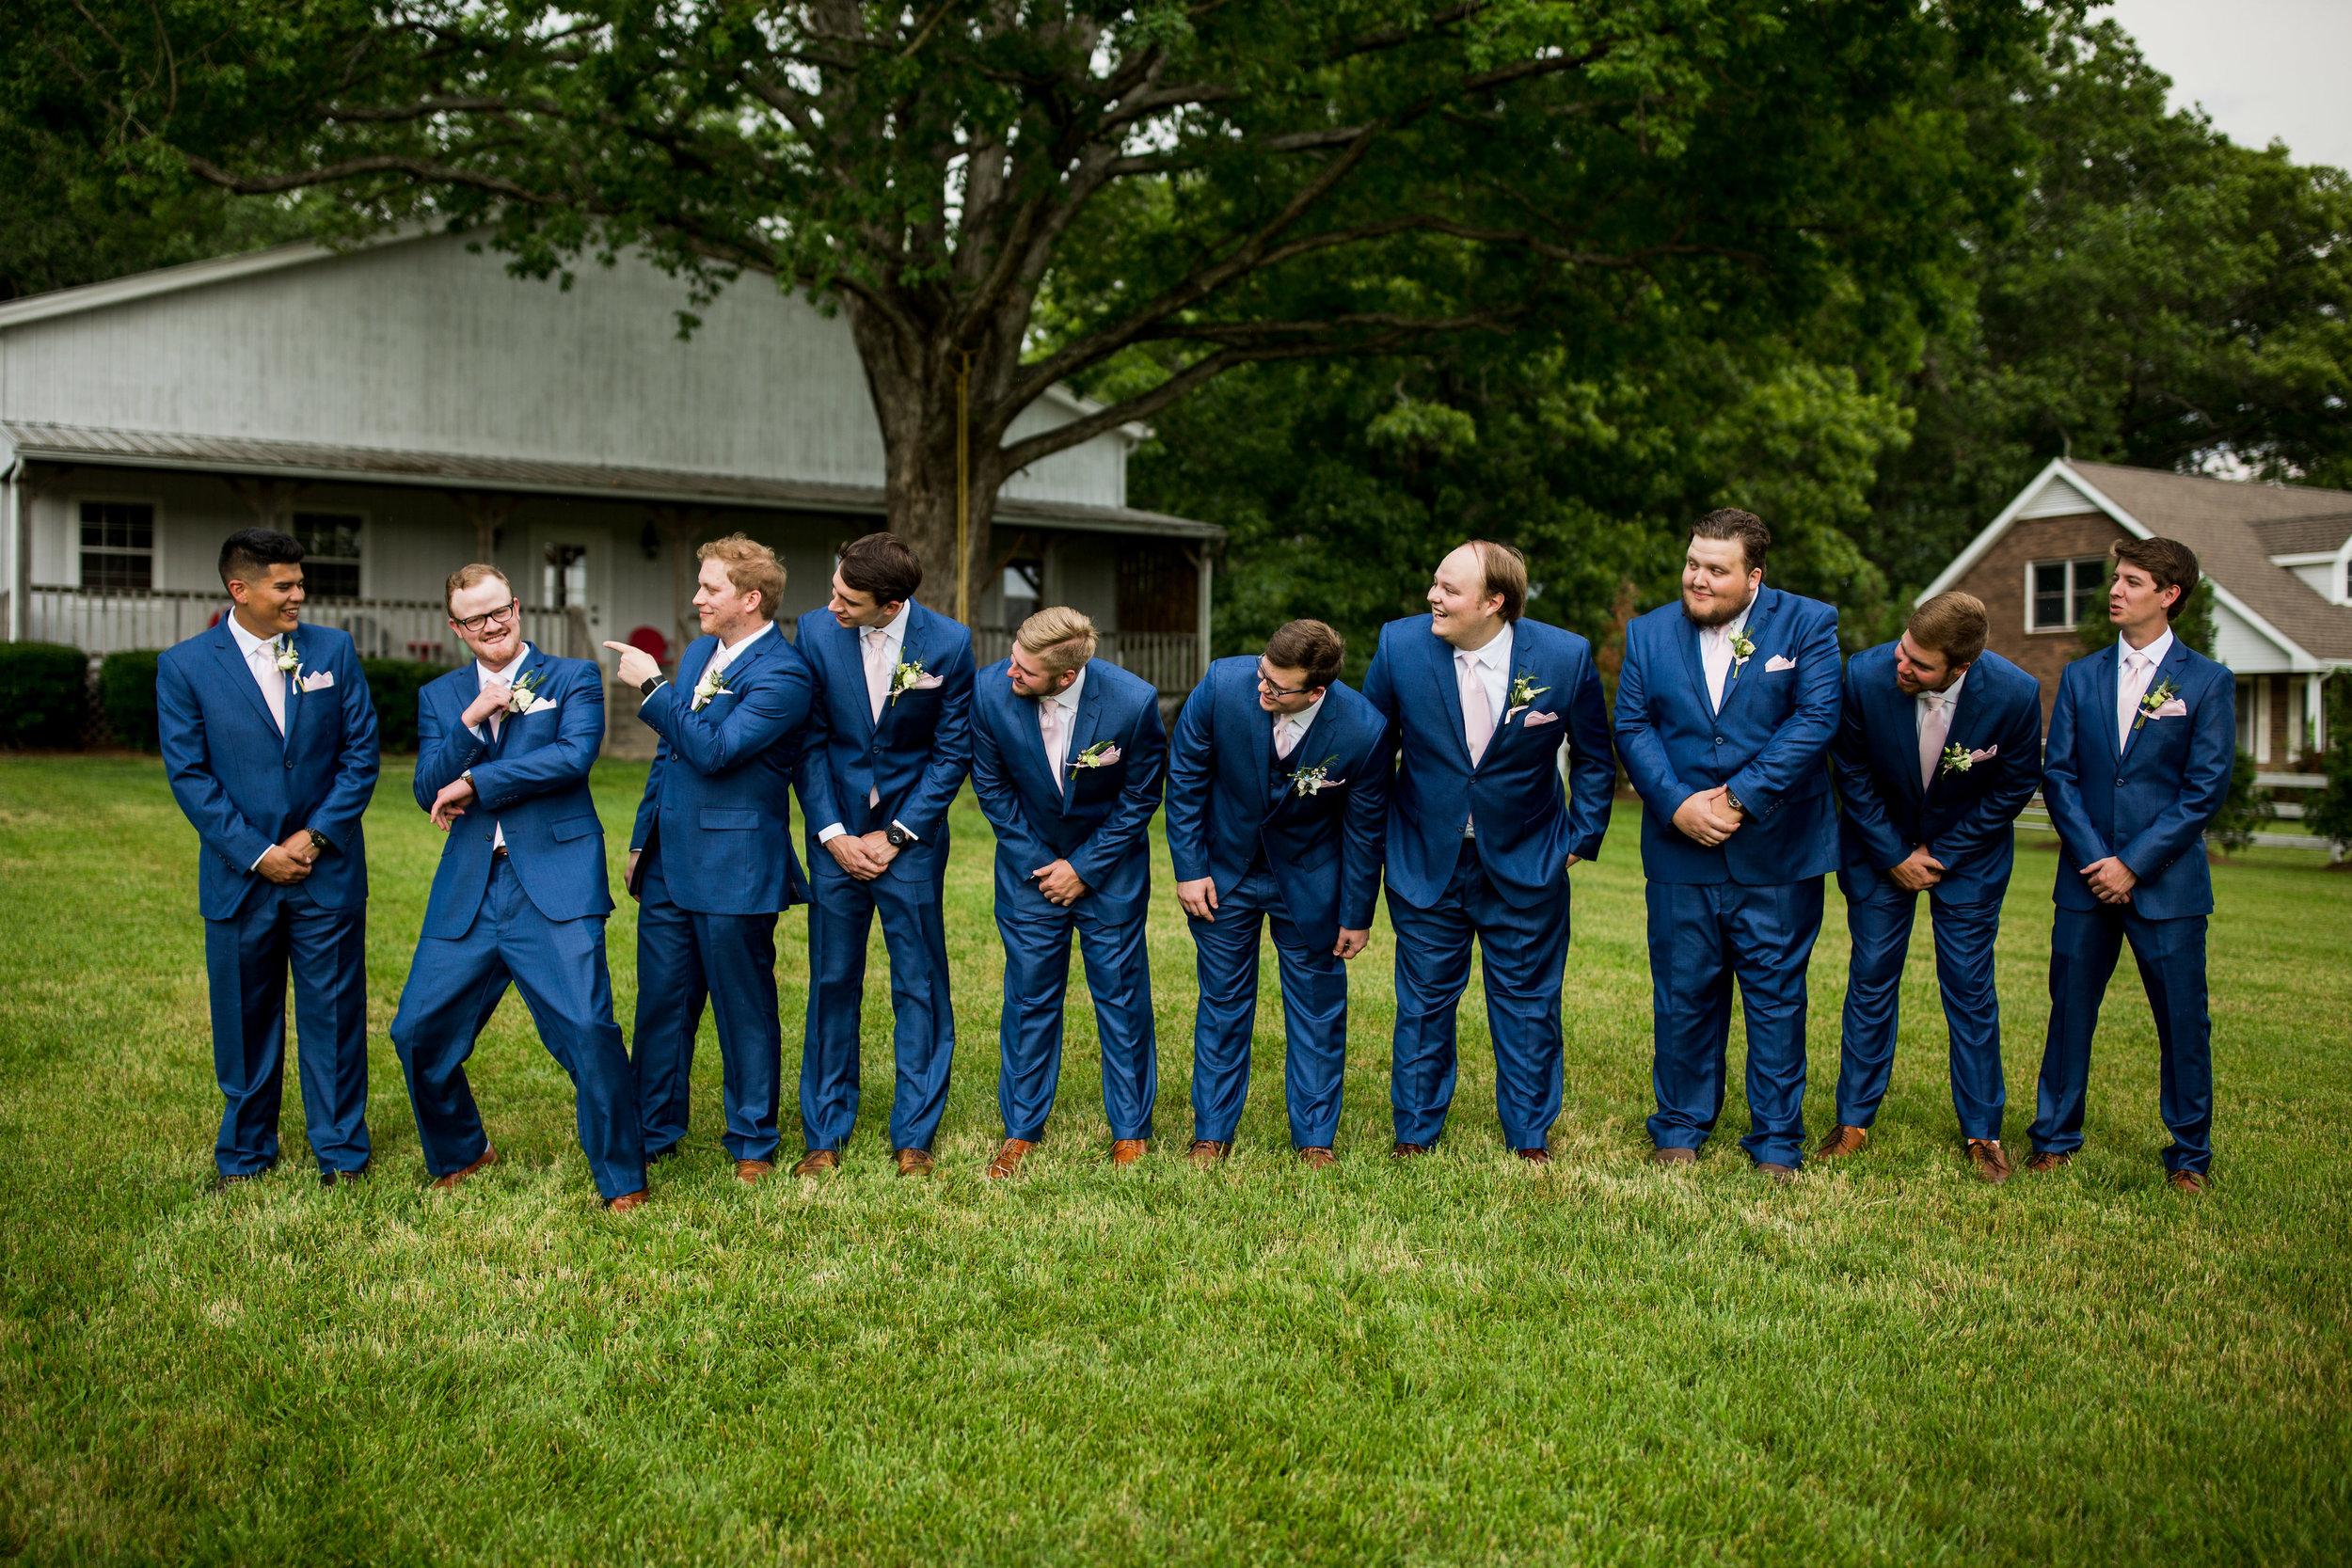 Saddlewood-Farms-Nashville-Wedding-Photographers-180.jpg